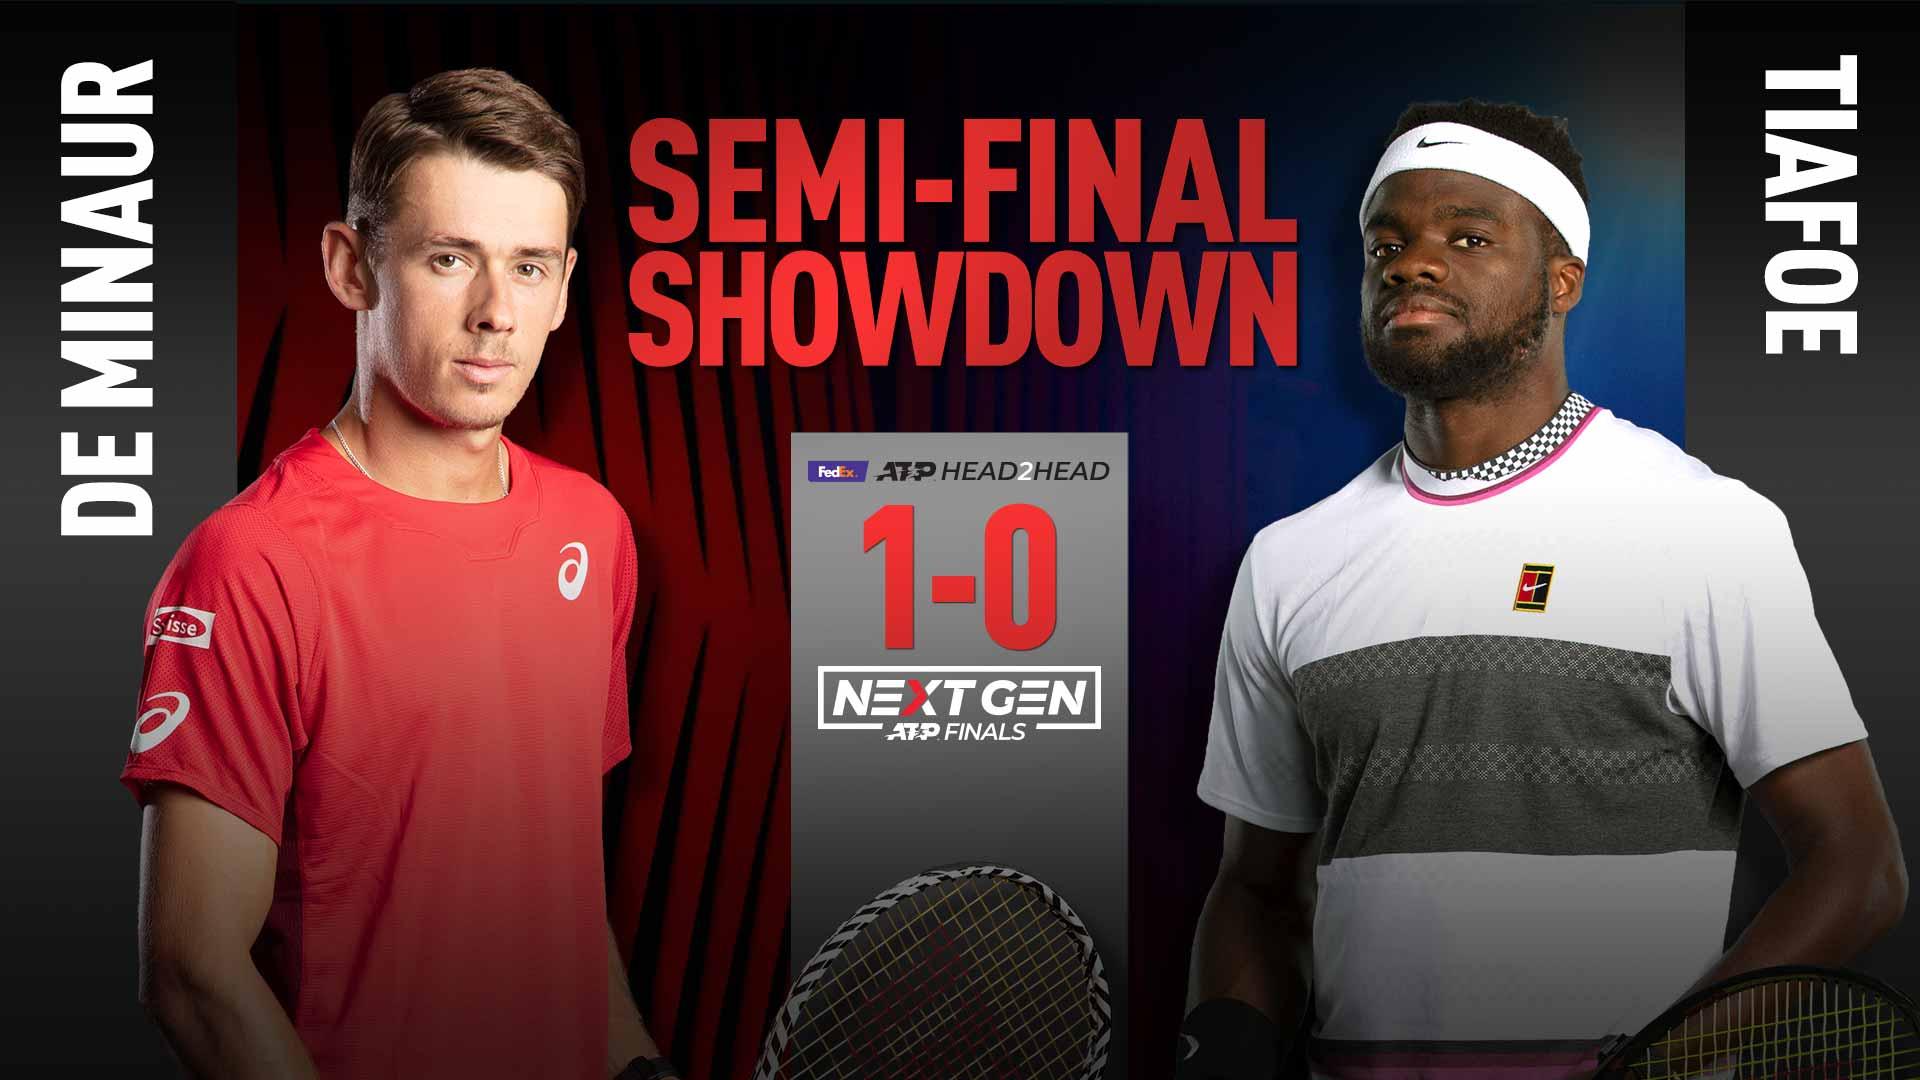 Next Gen ATP Finals. Де Минор и Тиафо разыграют путевку в титульный матч